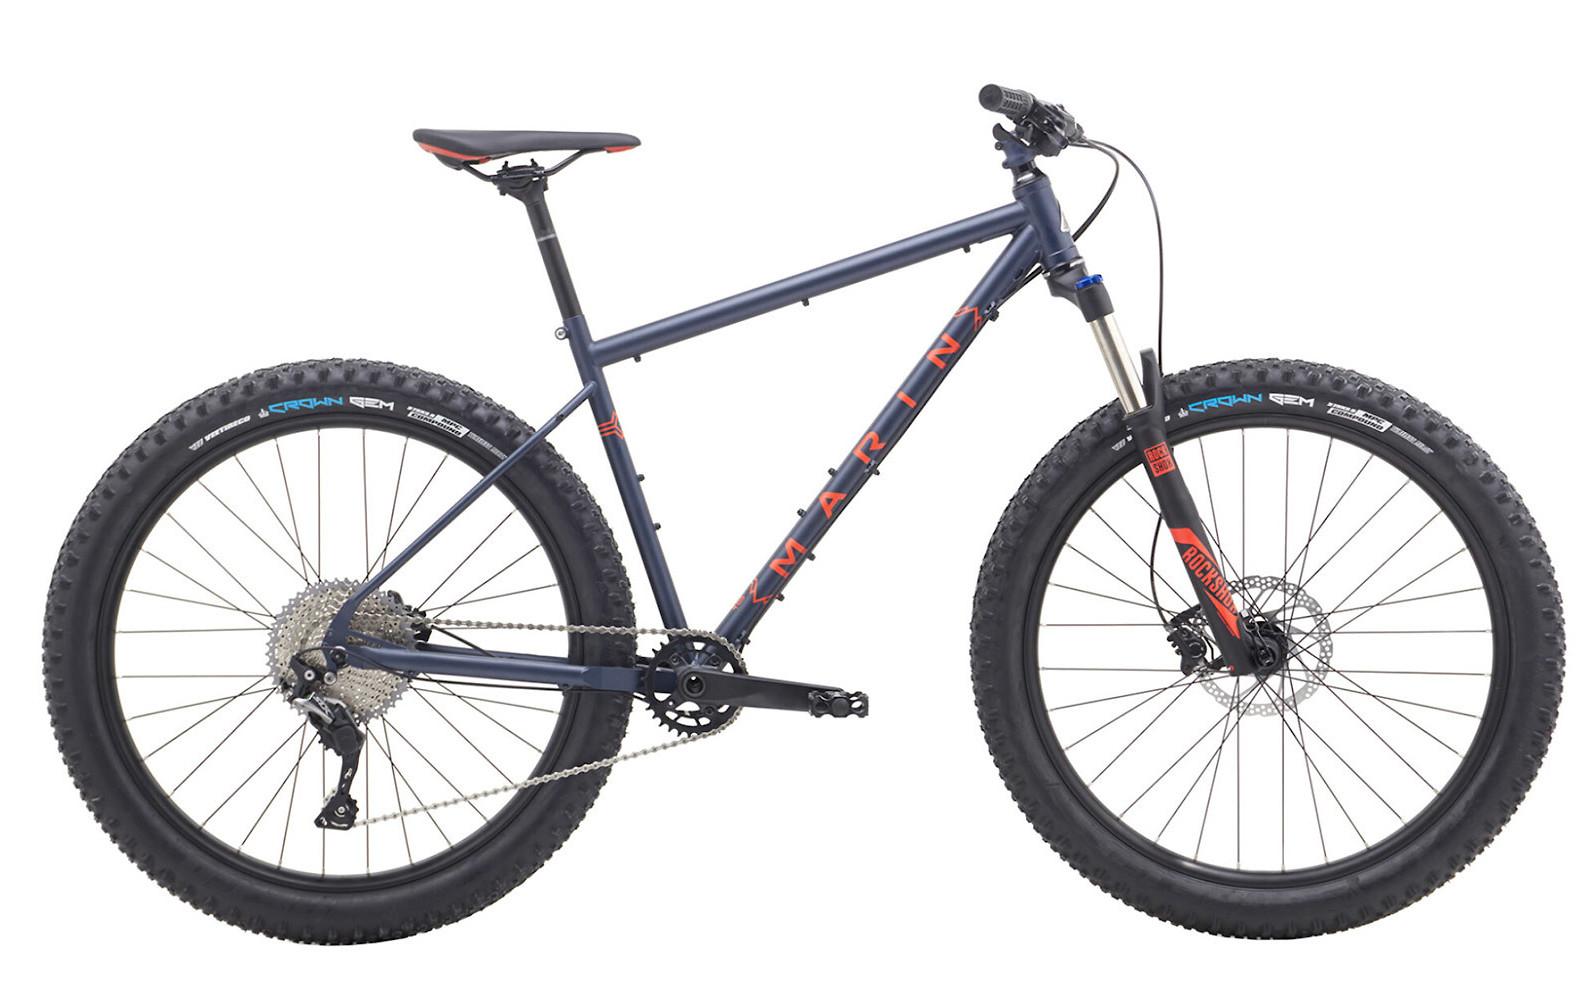 2019 Marin Pine Mountain 1 Bike